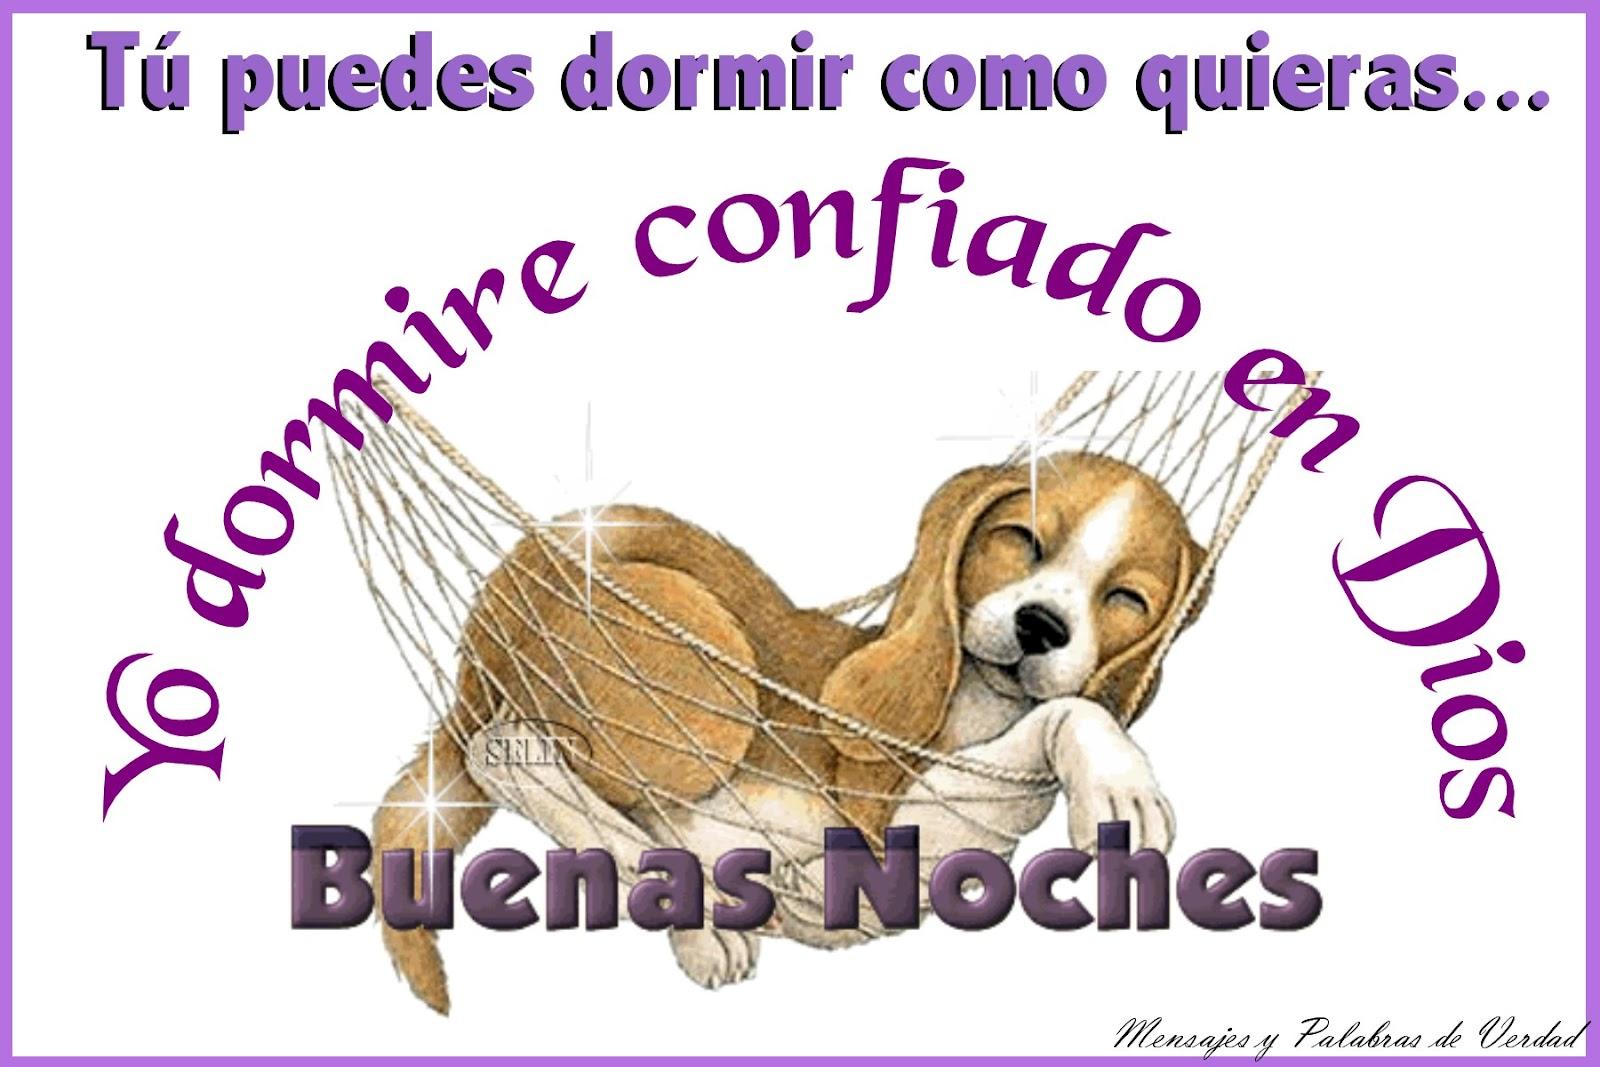 Versos De Buenas Noches   newhairstylesformen2014.com